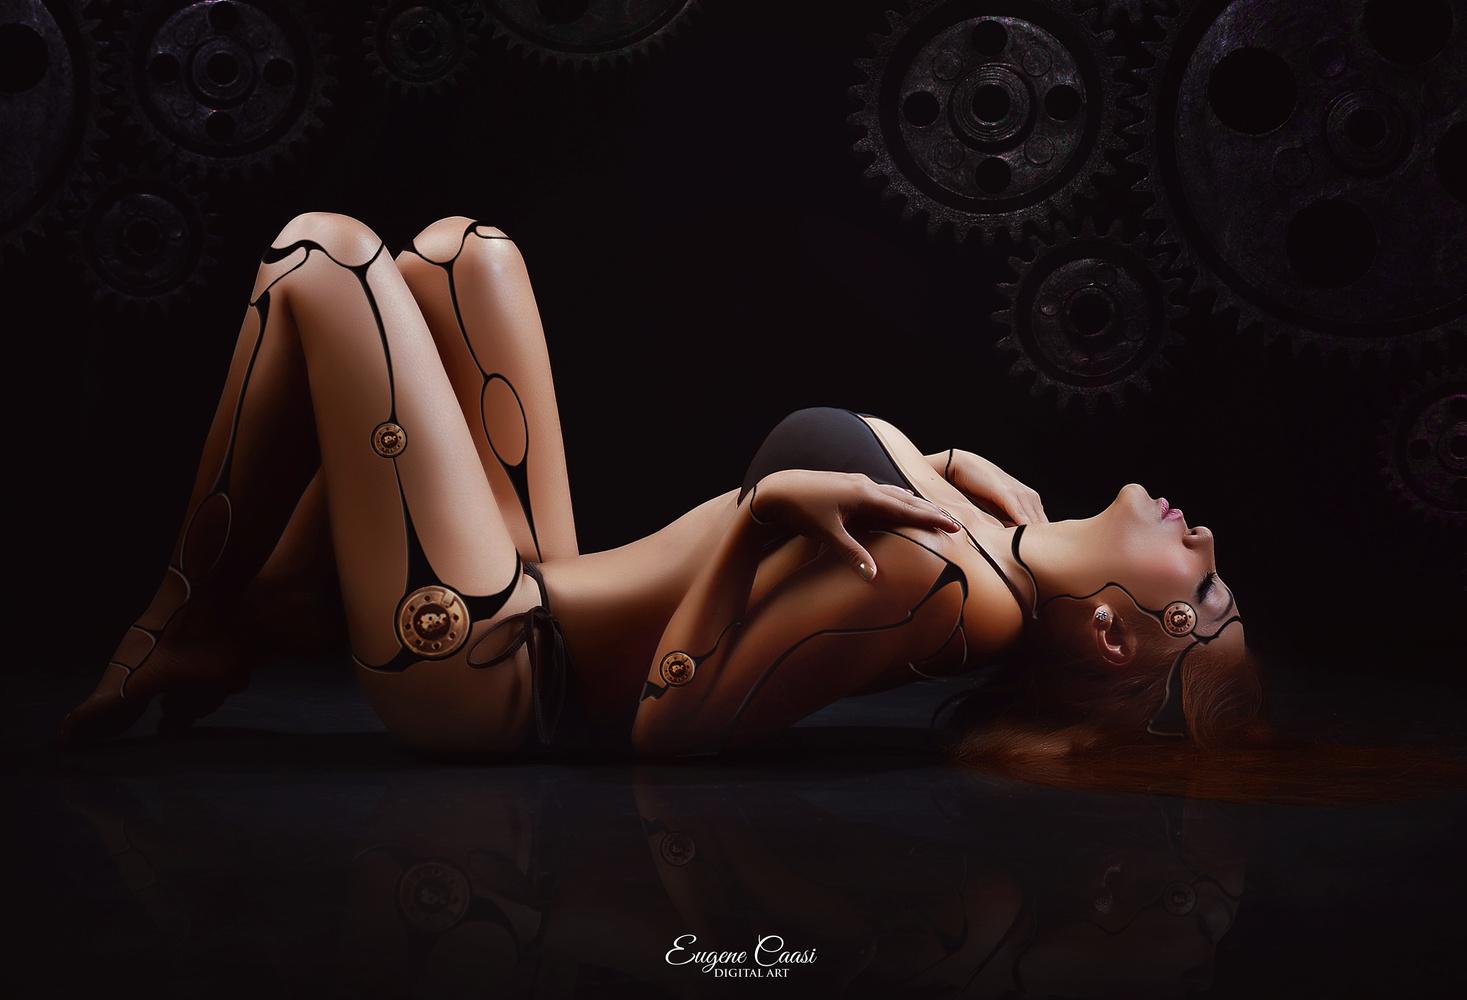 LADY CYBORG 2 by EUGENE CAASI